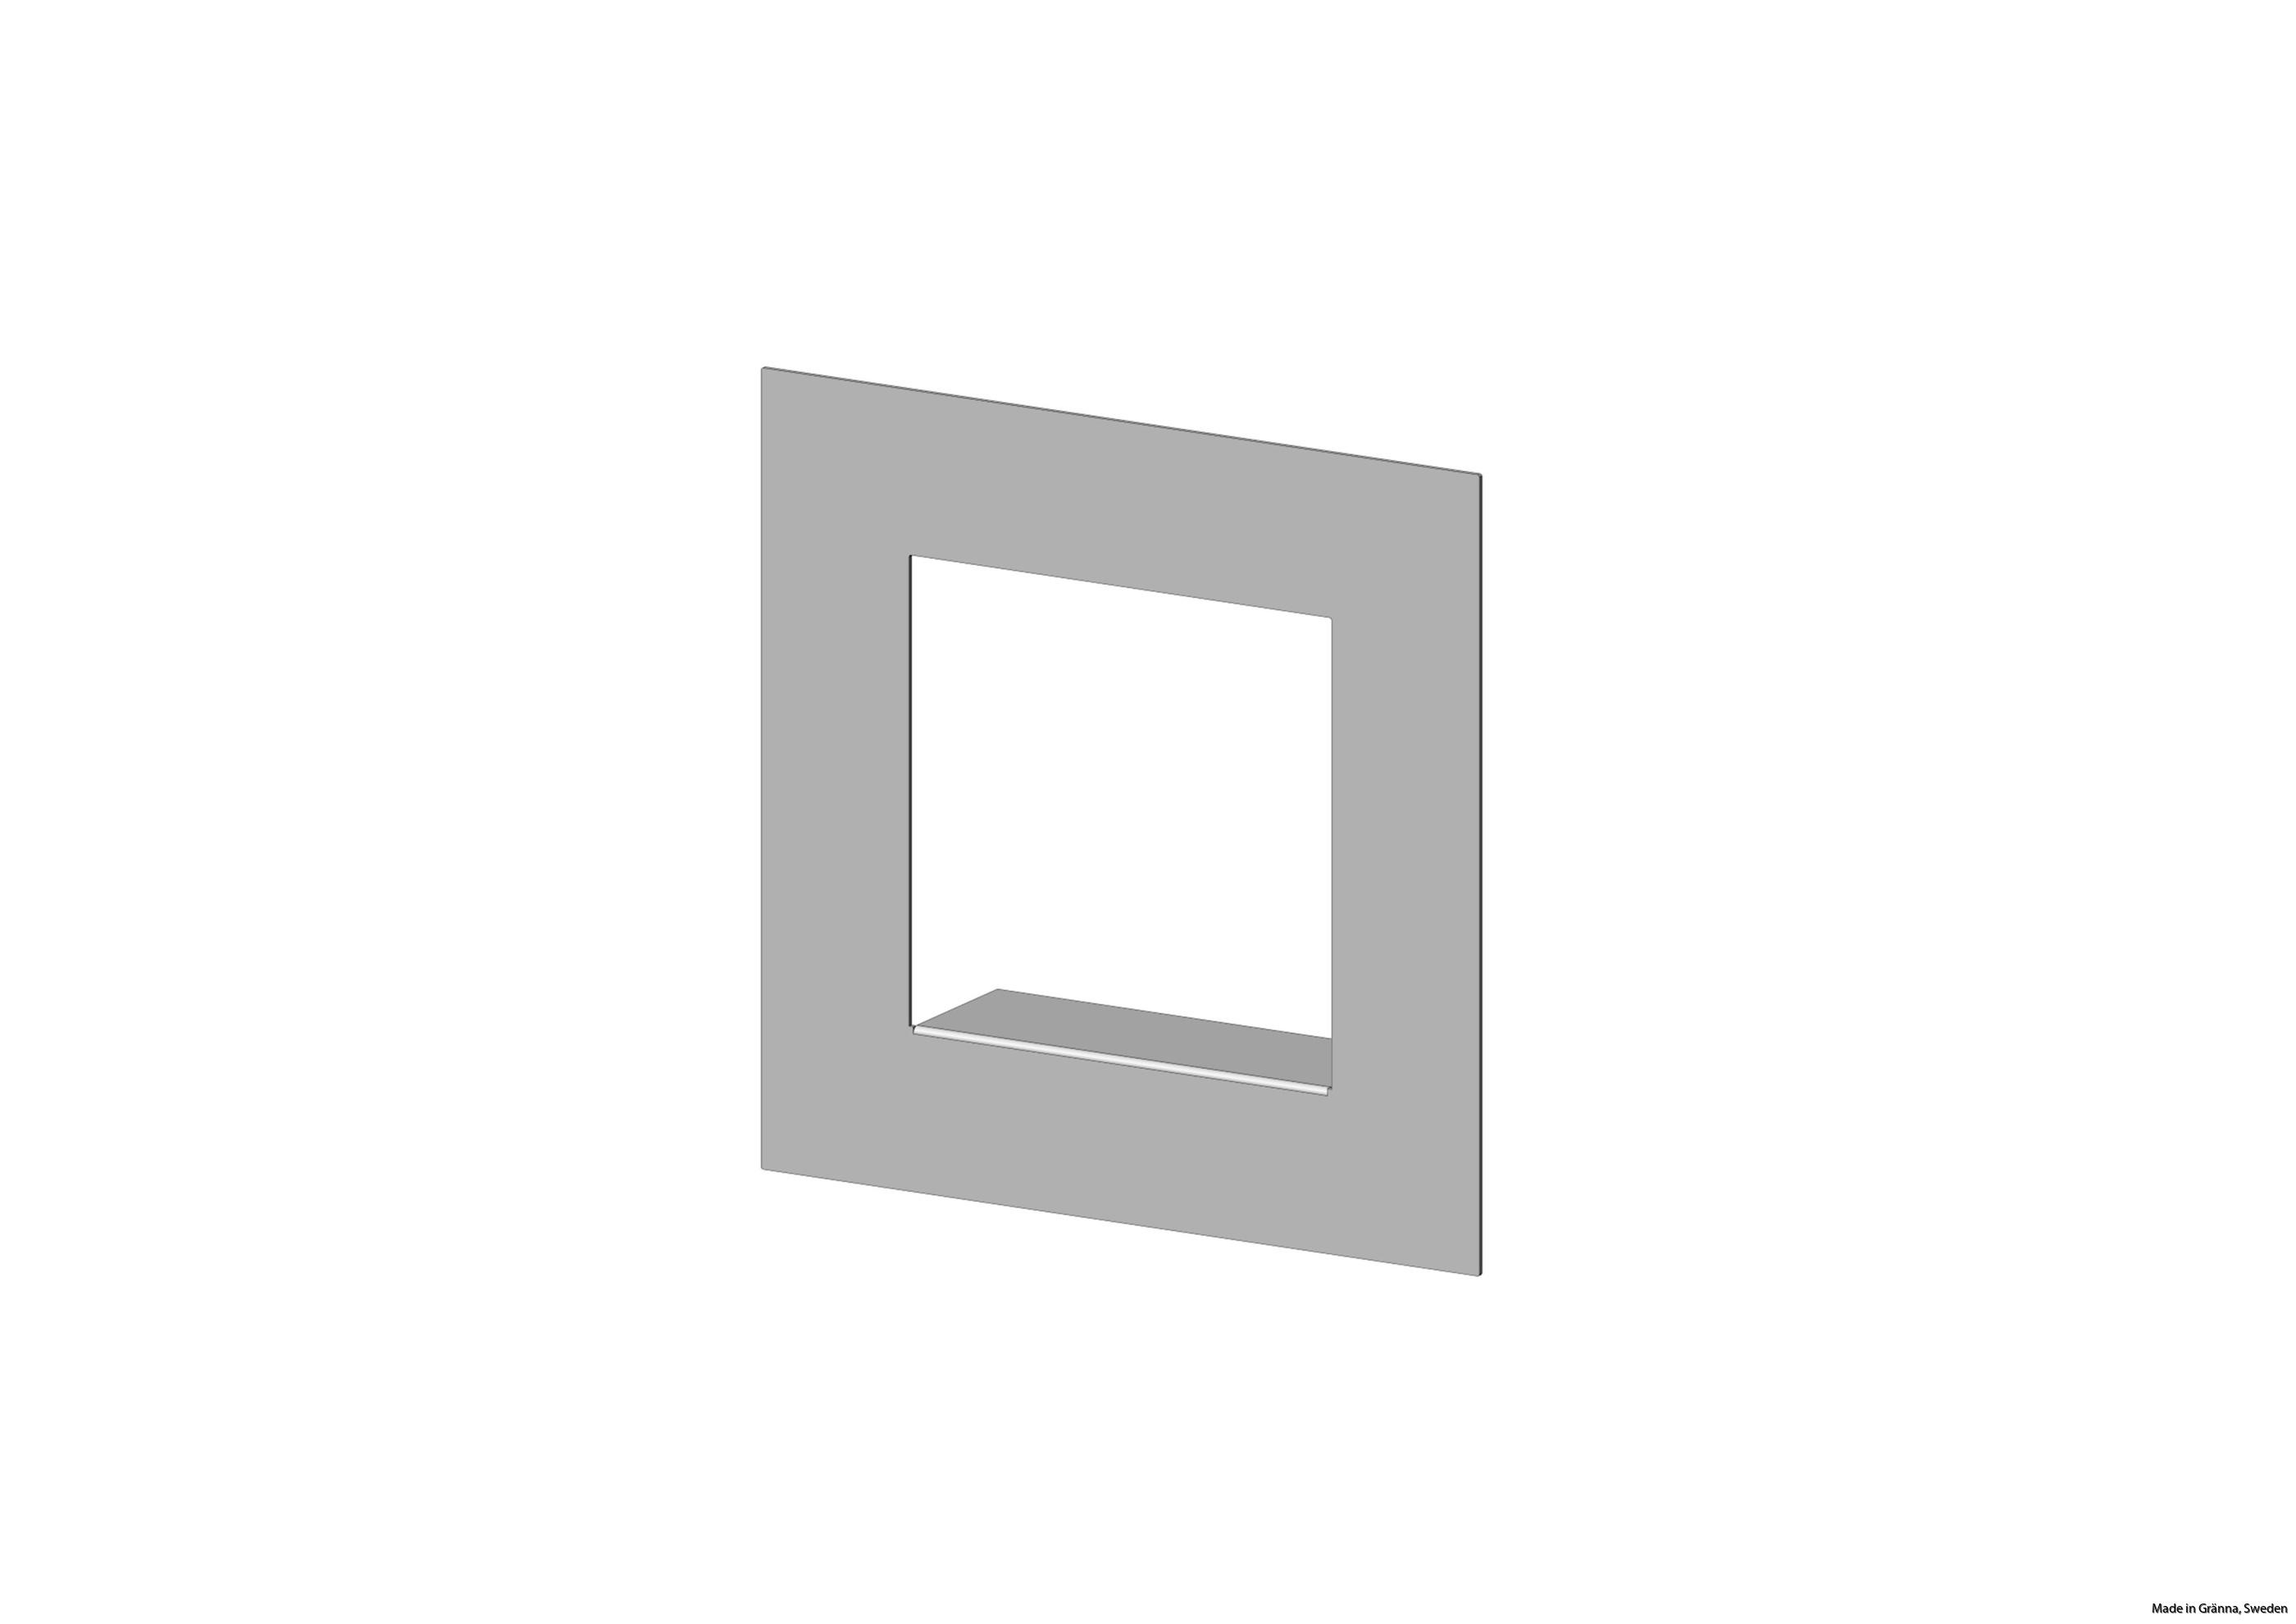 Centrerad ramhylla, silvergrå sett från sidan